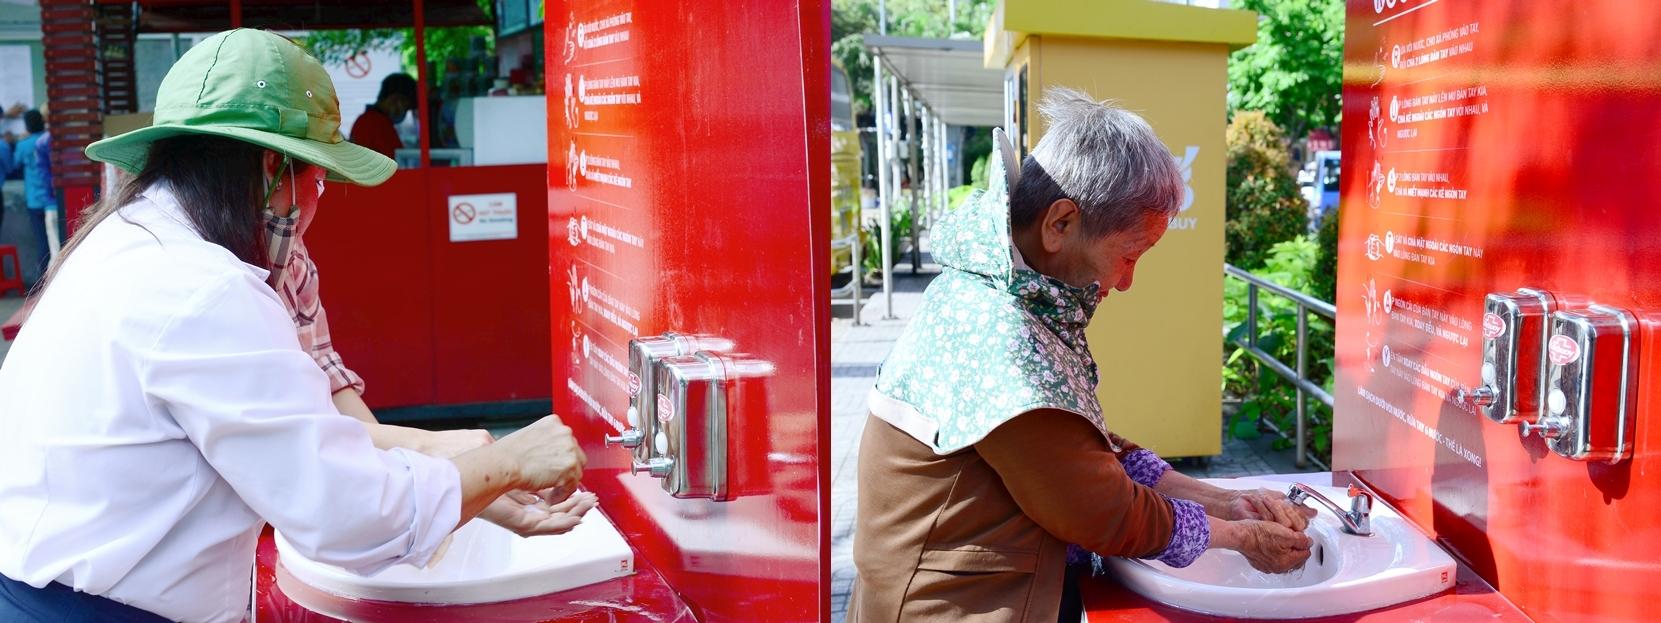 Lifebuoy lắp trạm rửa tay miễn phí ở hàng loạt điểm công cộng-2